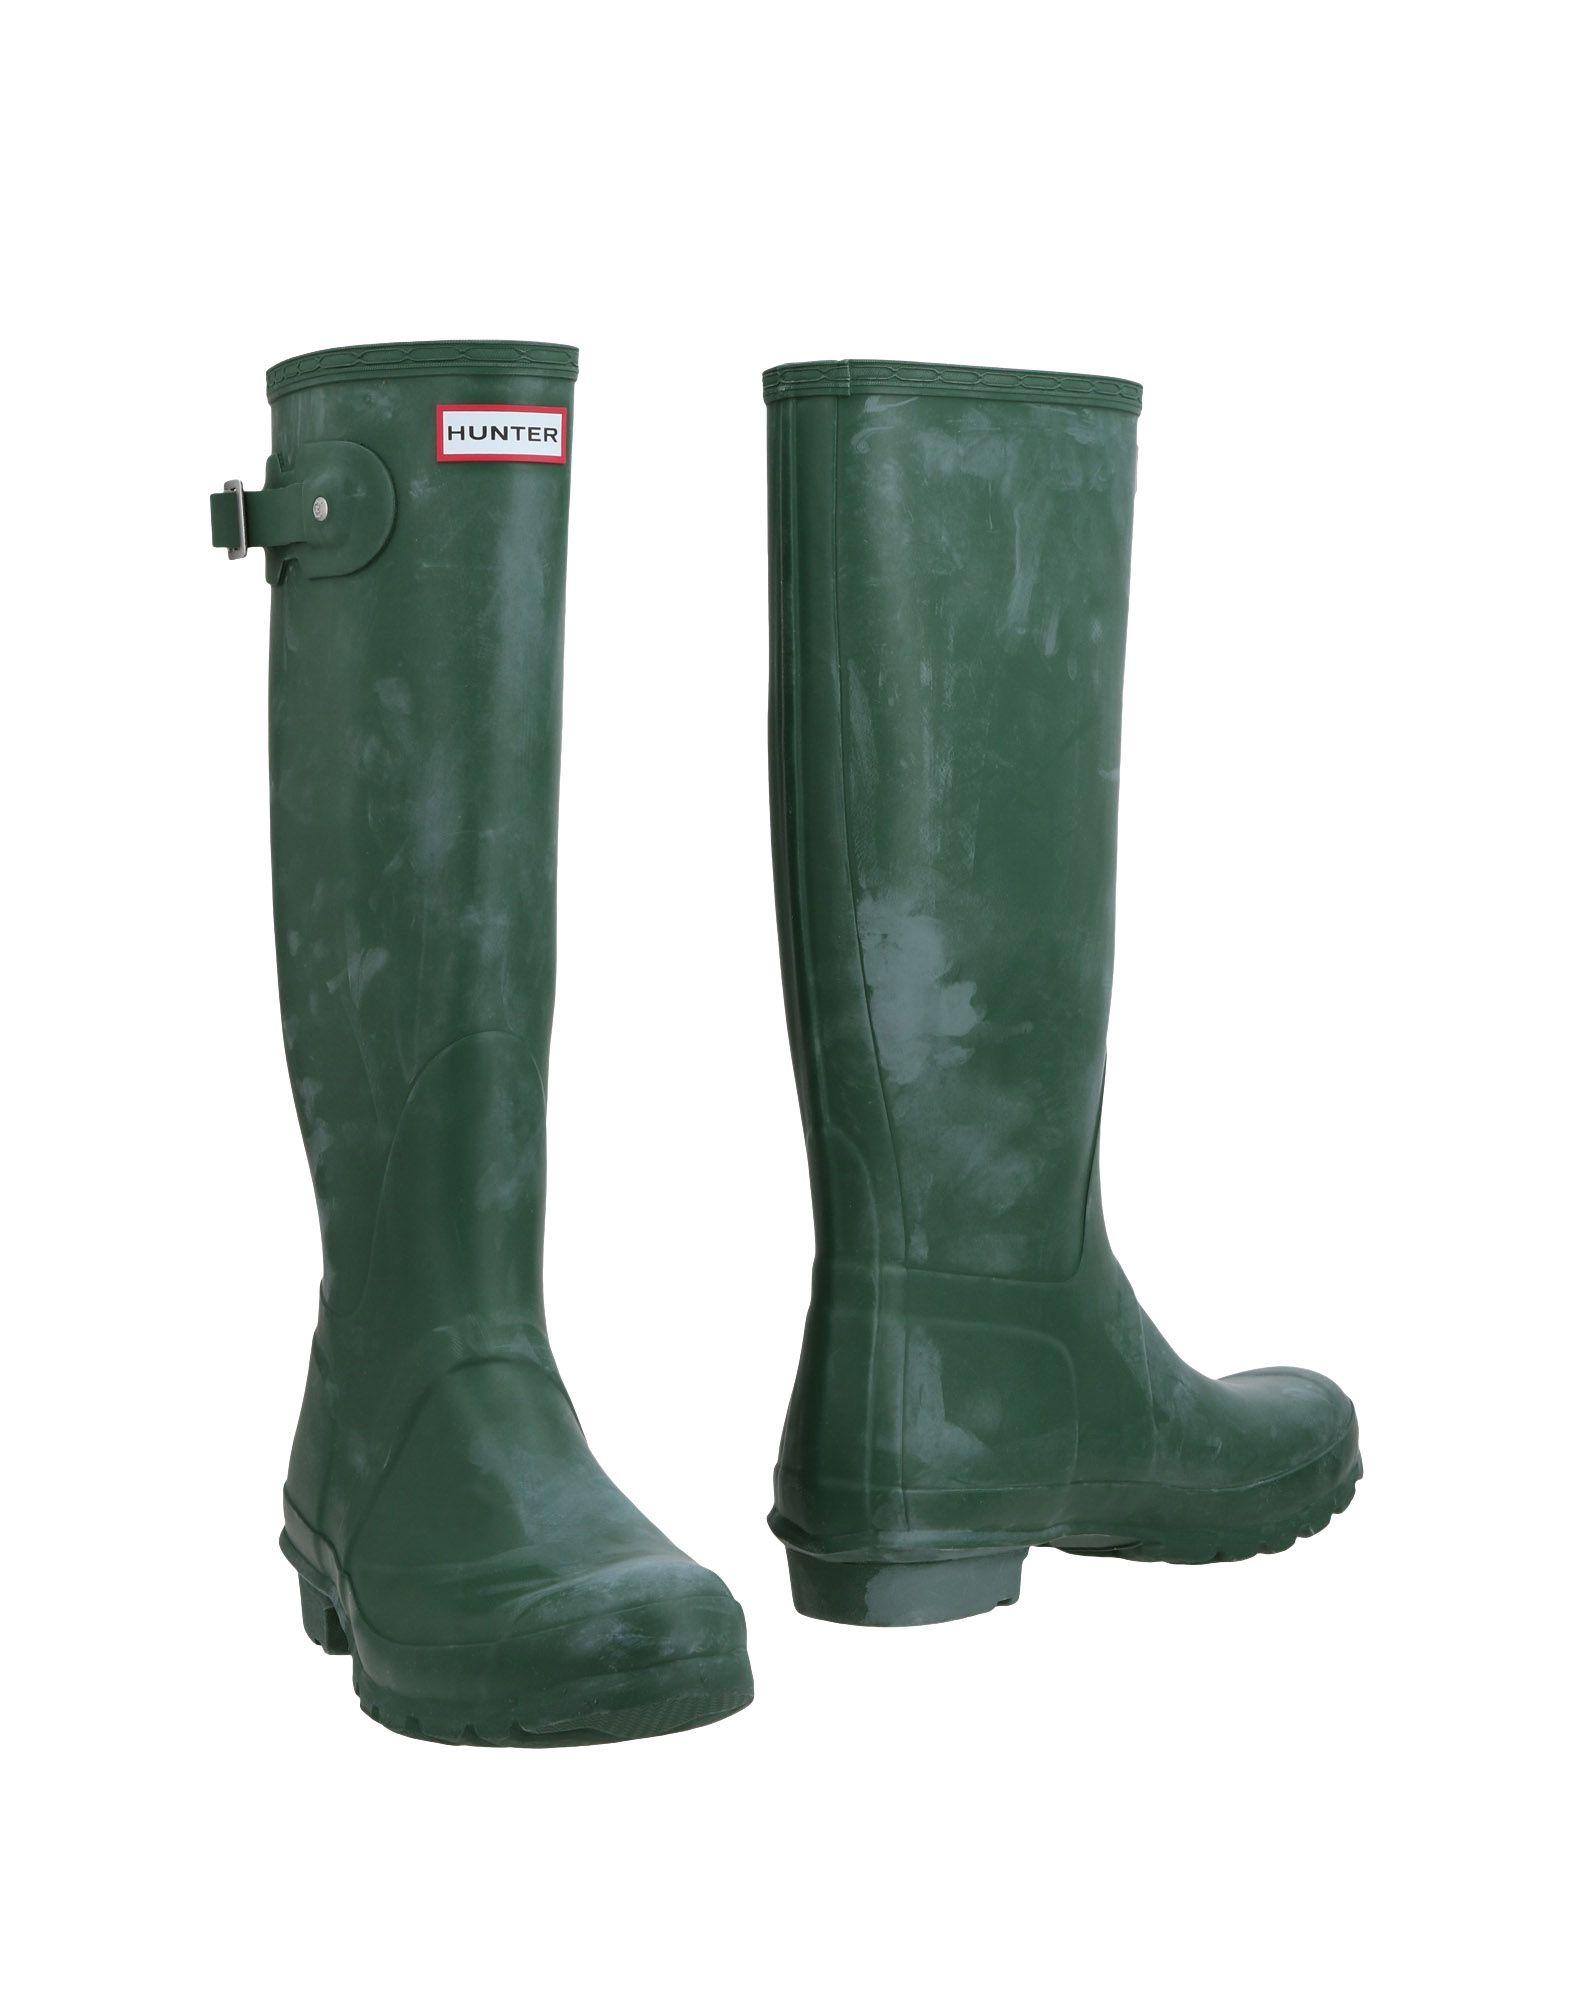 Rabatt Hunter echte Schuhe Hunter Rabatt Stiefelette Herren  11480045ID ff69c5